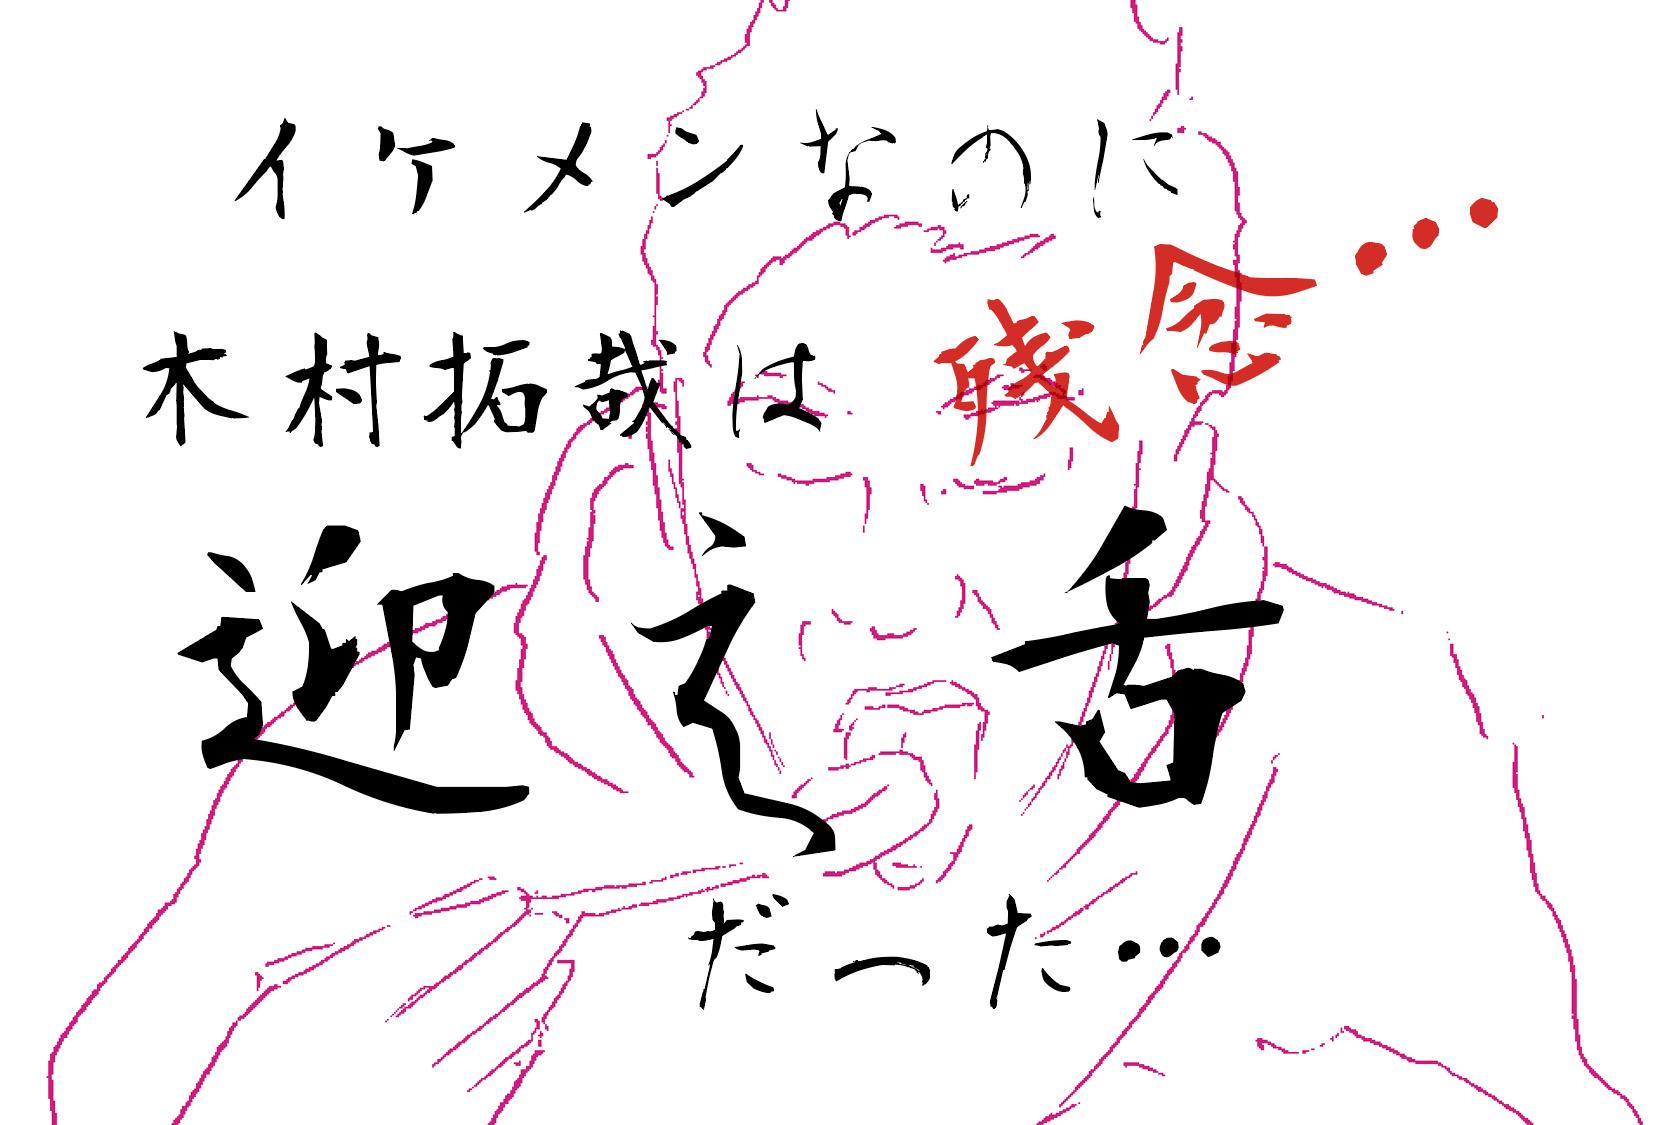 【帰れま10】木村拓哉は『迎え舌』!食べ方が汚い?マナー悪いと評判か